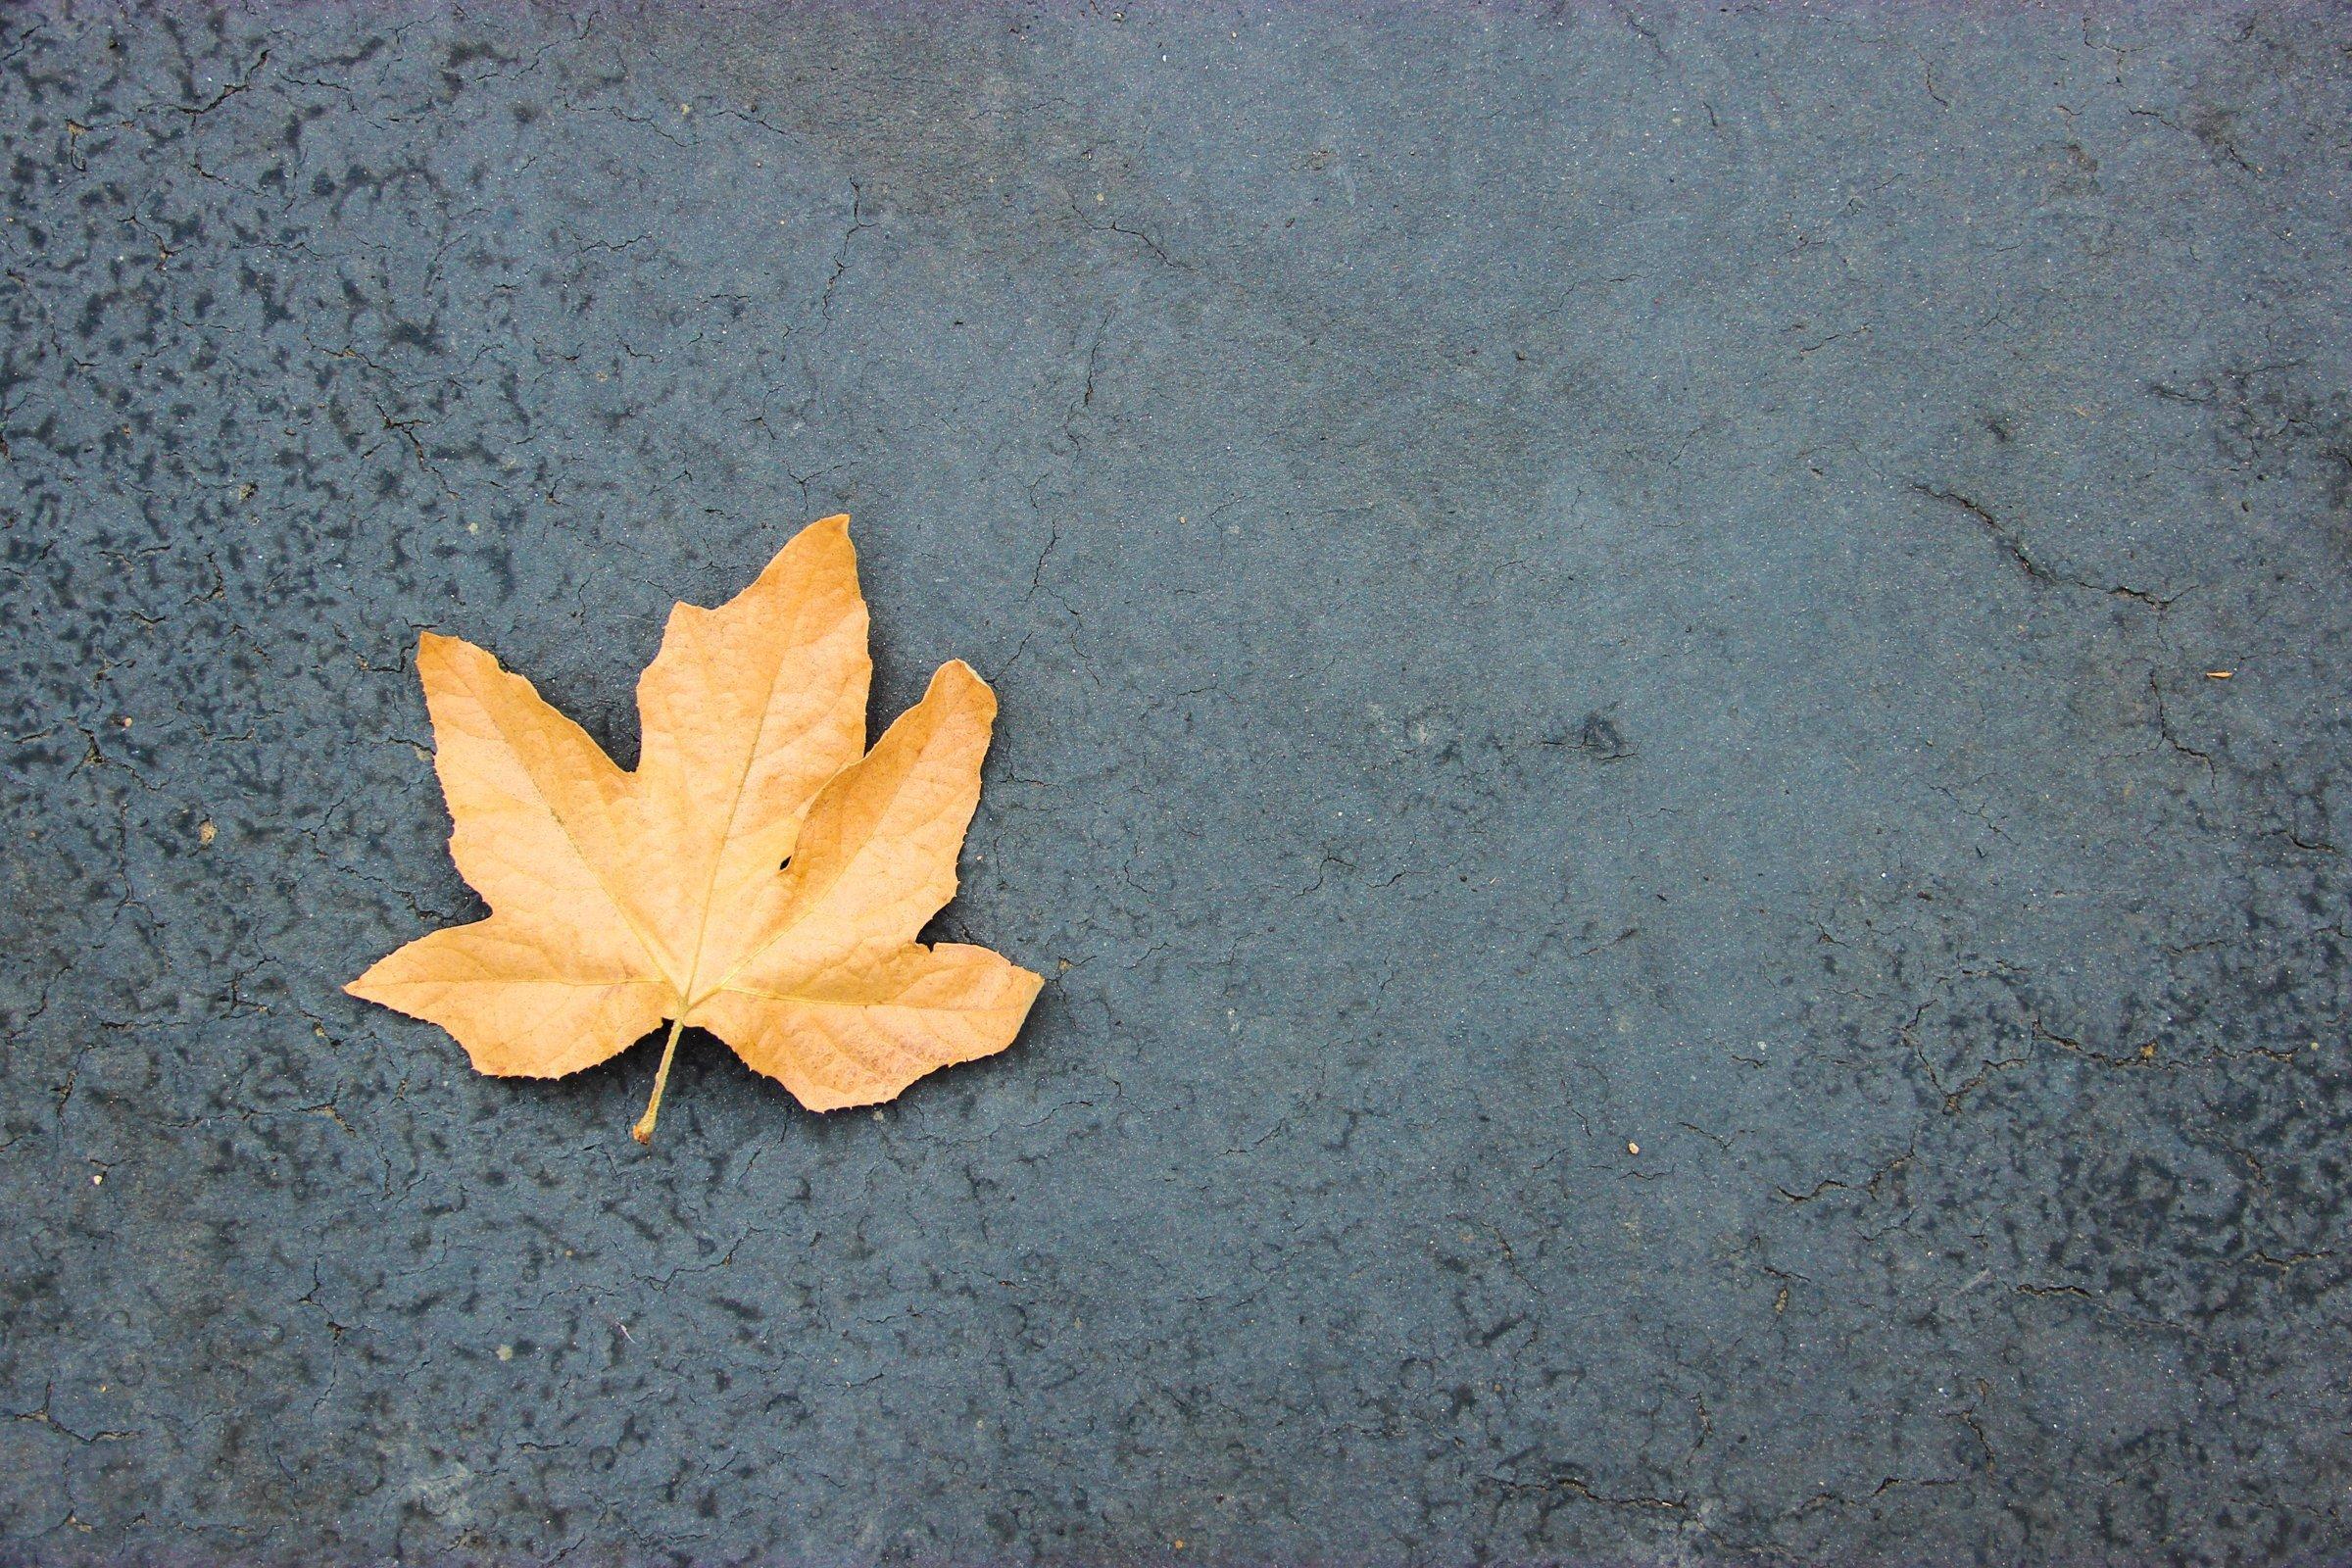 Single Autumn Maple Leaf On Asphalt